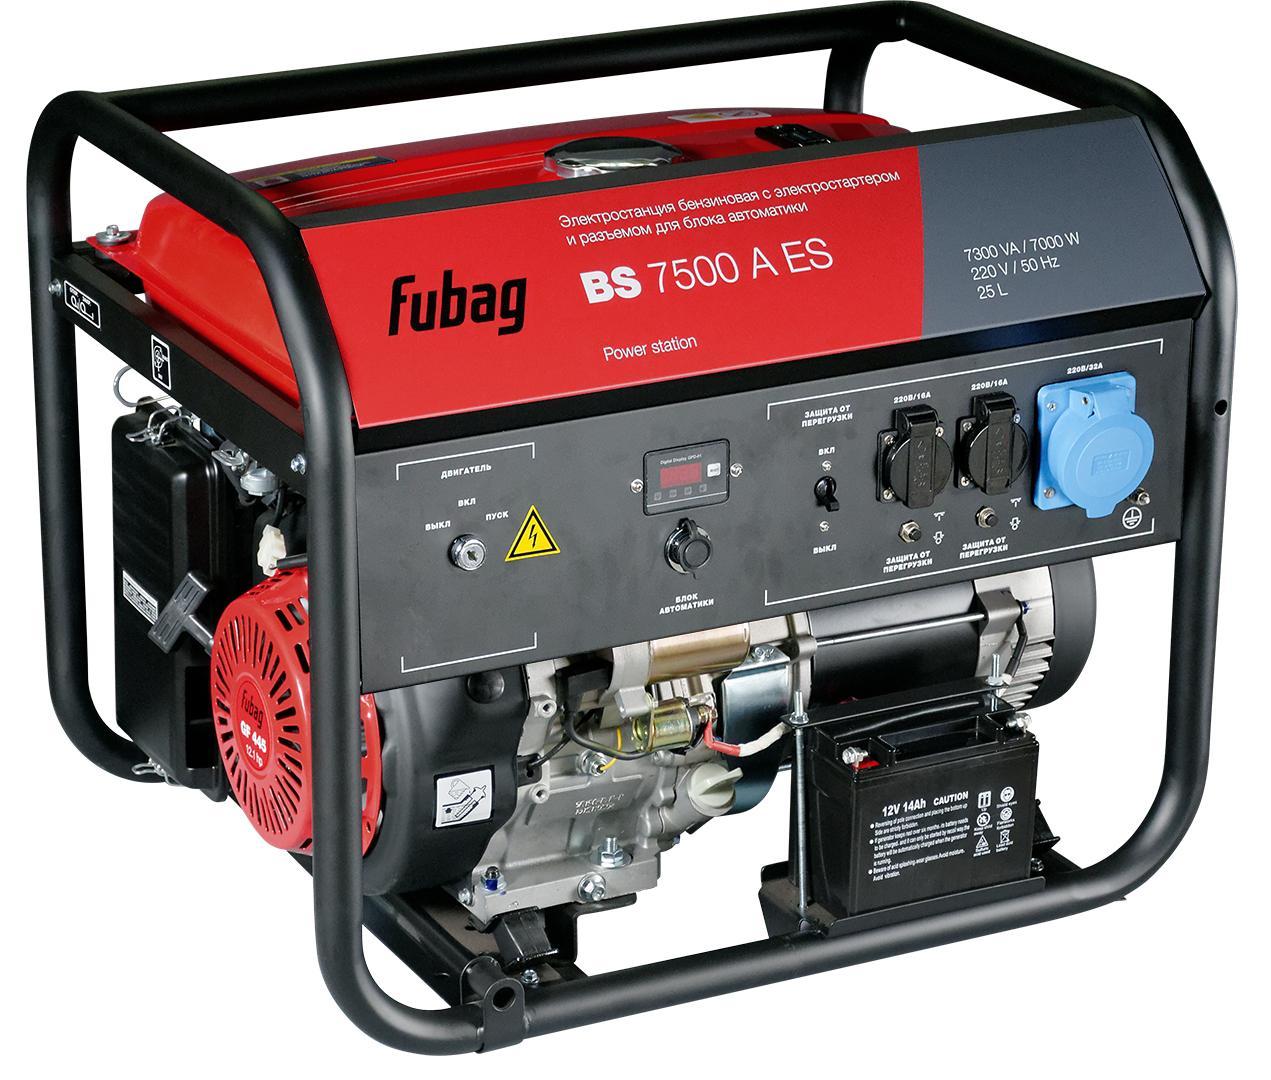 Бензиновый генератор Fubag Bs 7500 a es генератор fubag bs 5500 a es